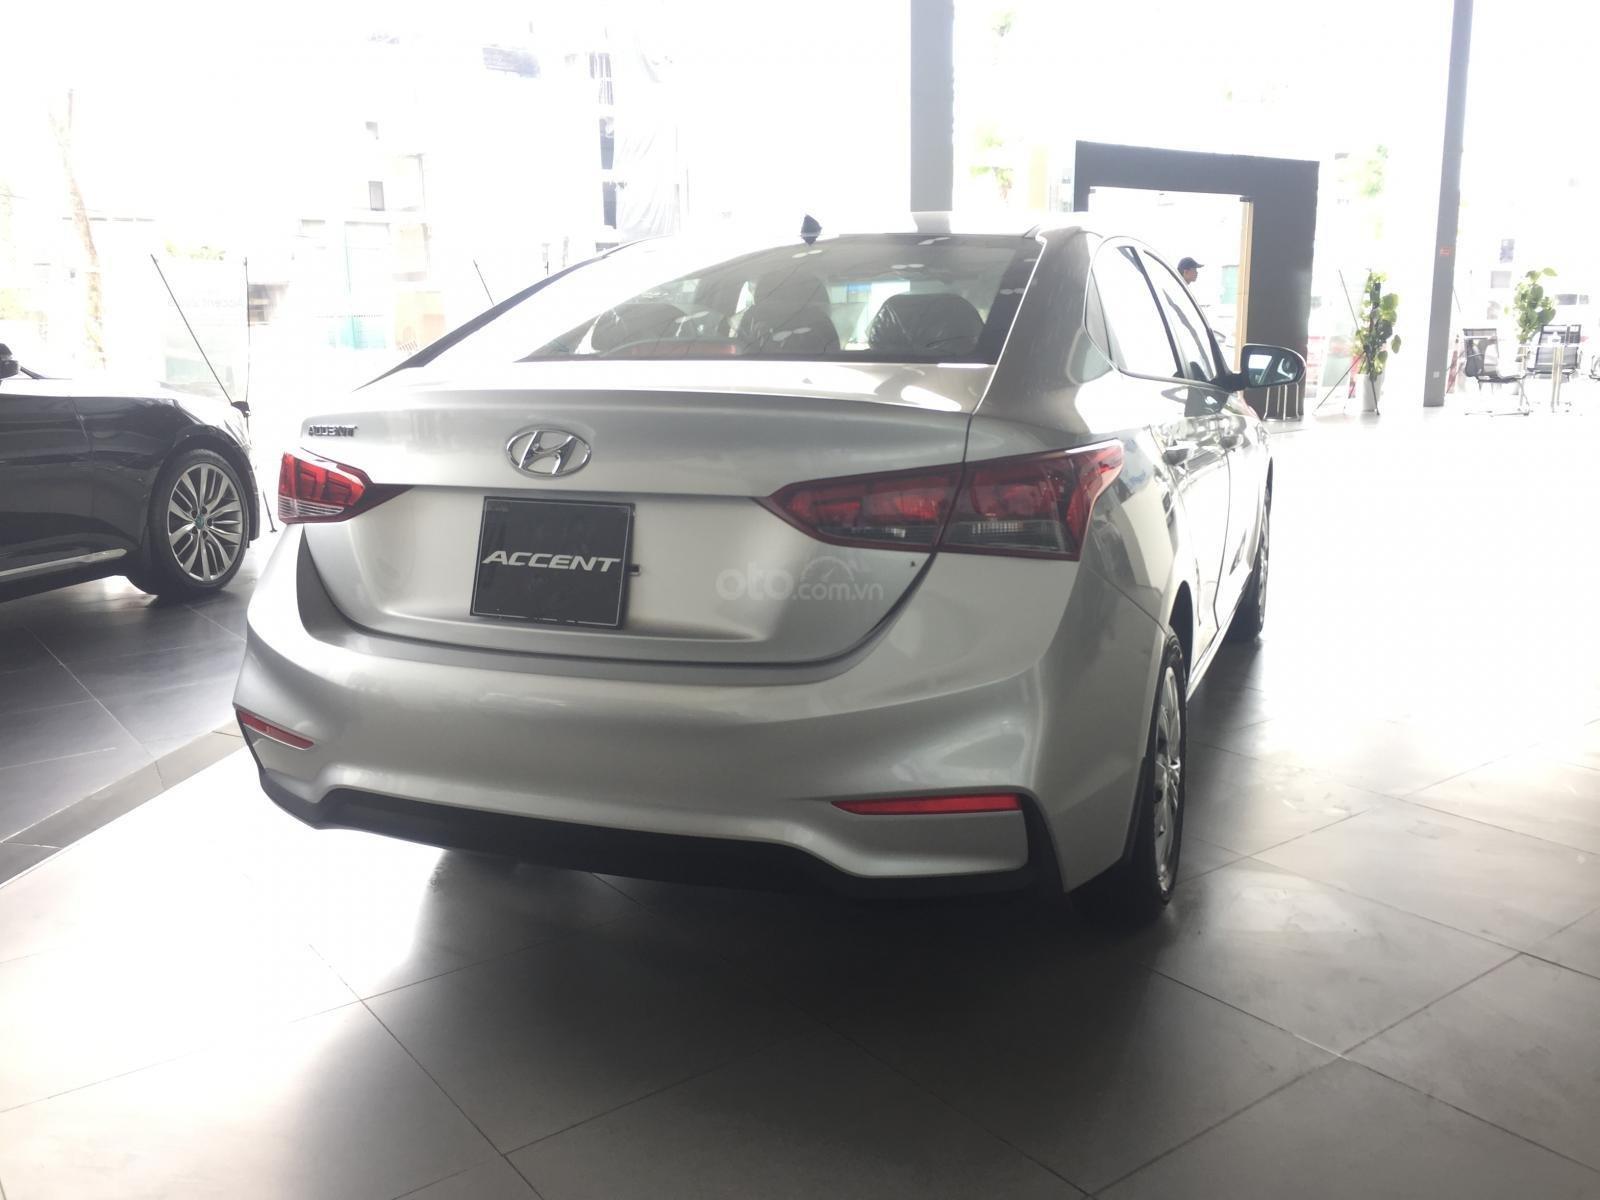 Bán Hyundai Accent 1.4 MT tiêu chuẩn mới 2019, đủ màu giao ngay (3)